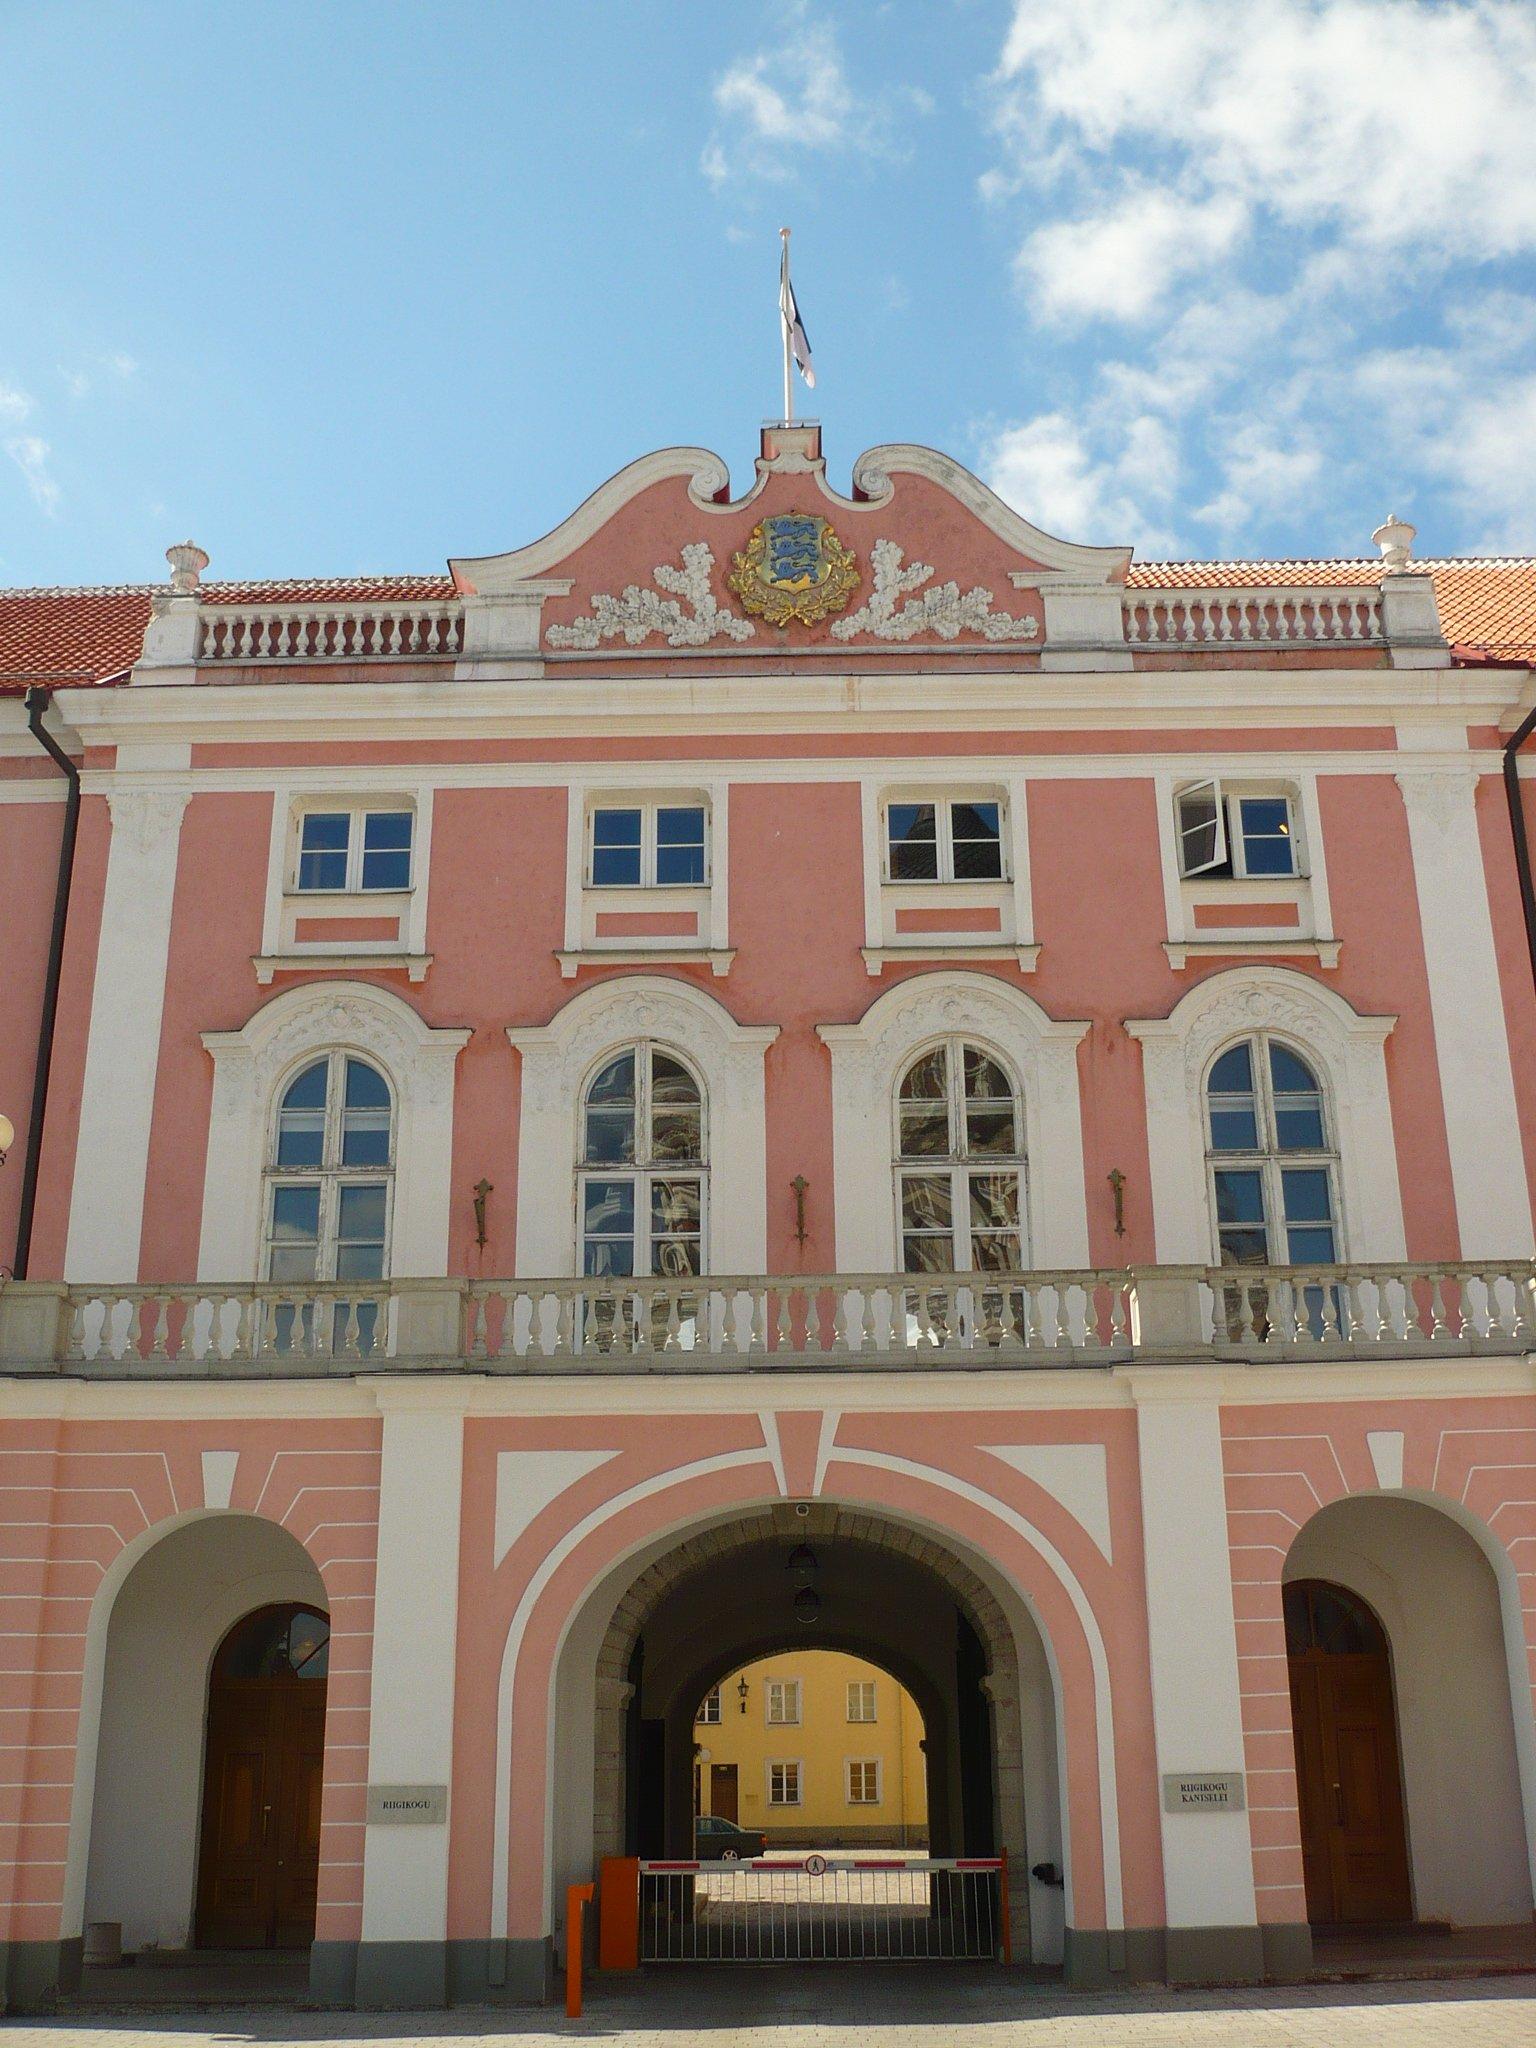 Tallinn - The Parliament